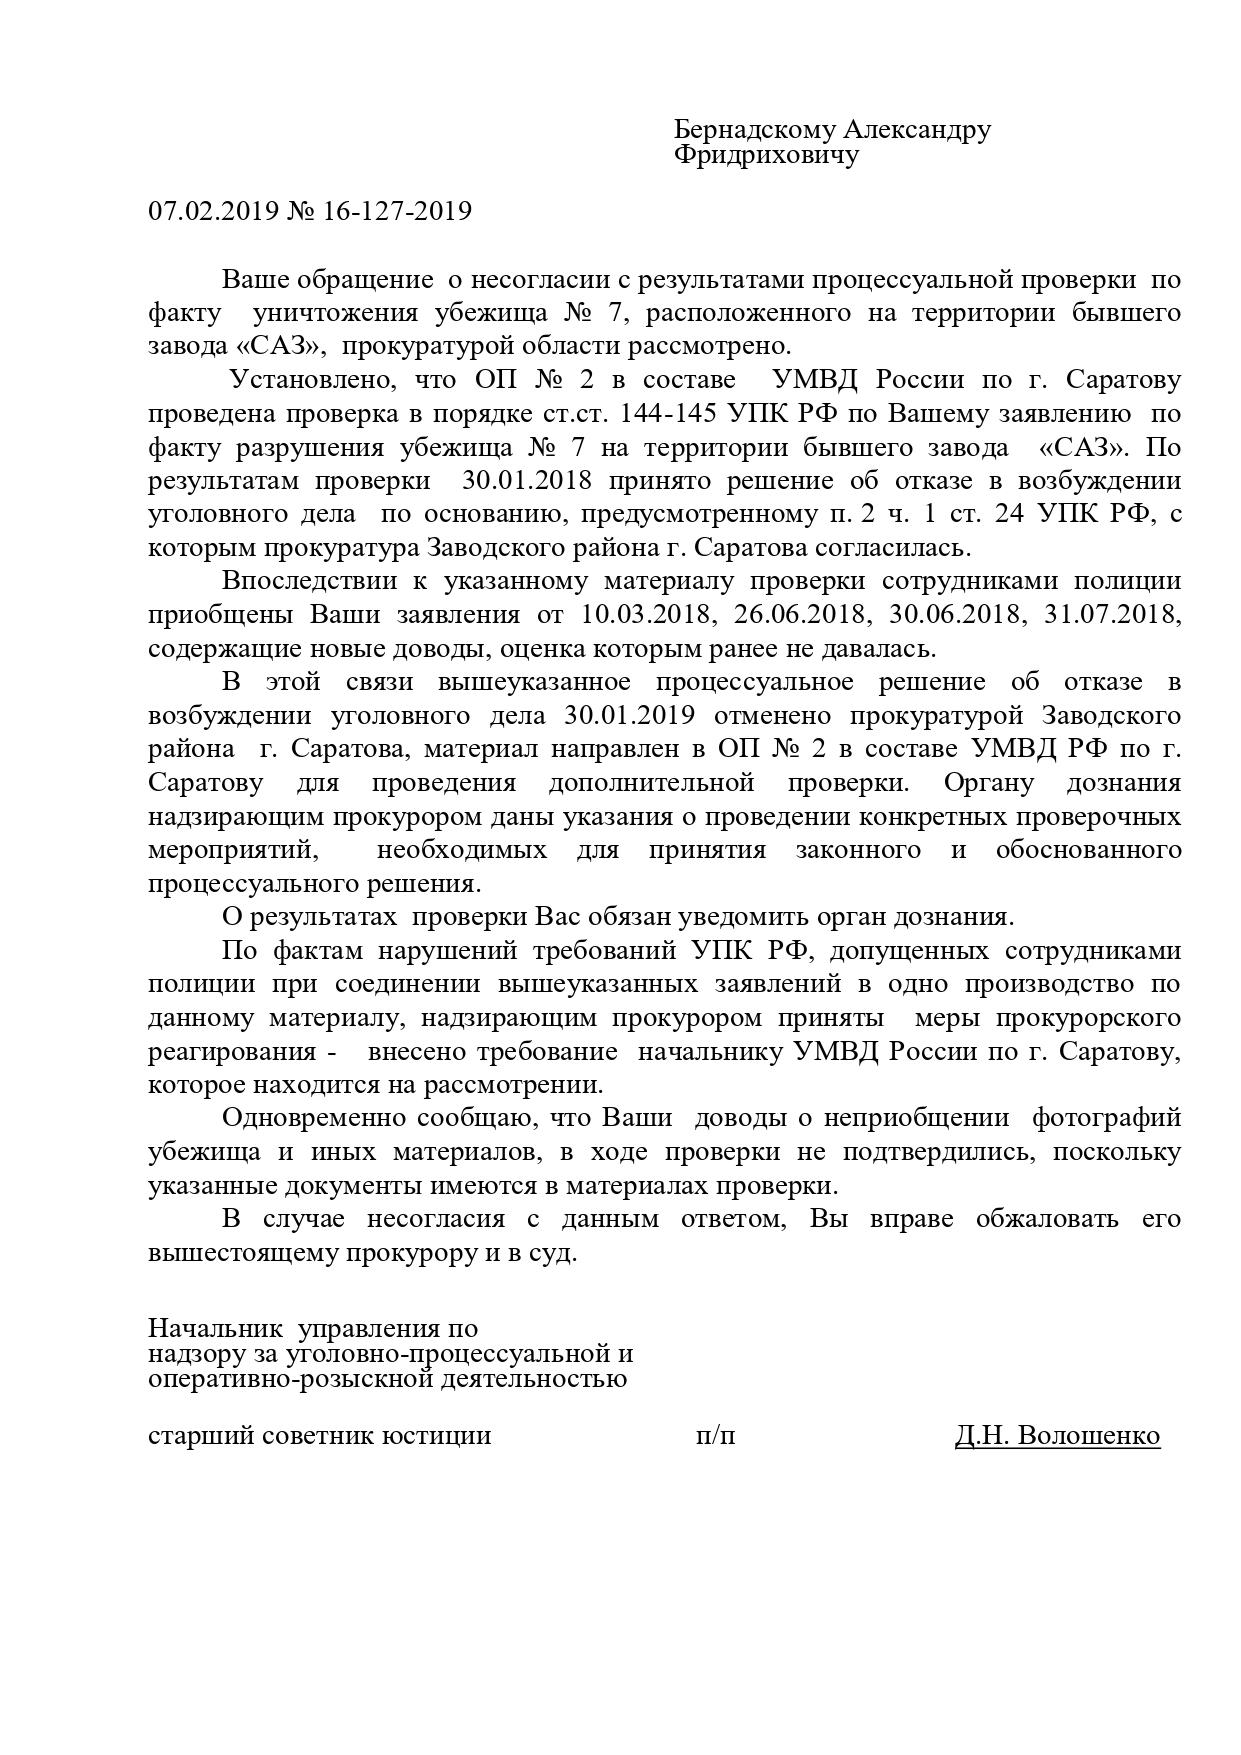 Бернадскому ответ февраль 2019_pages-to-jpg-0001